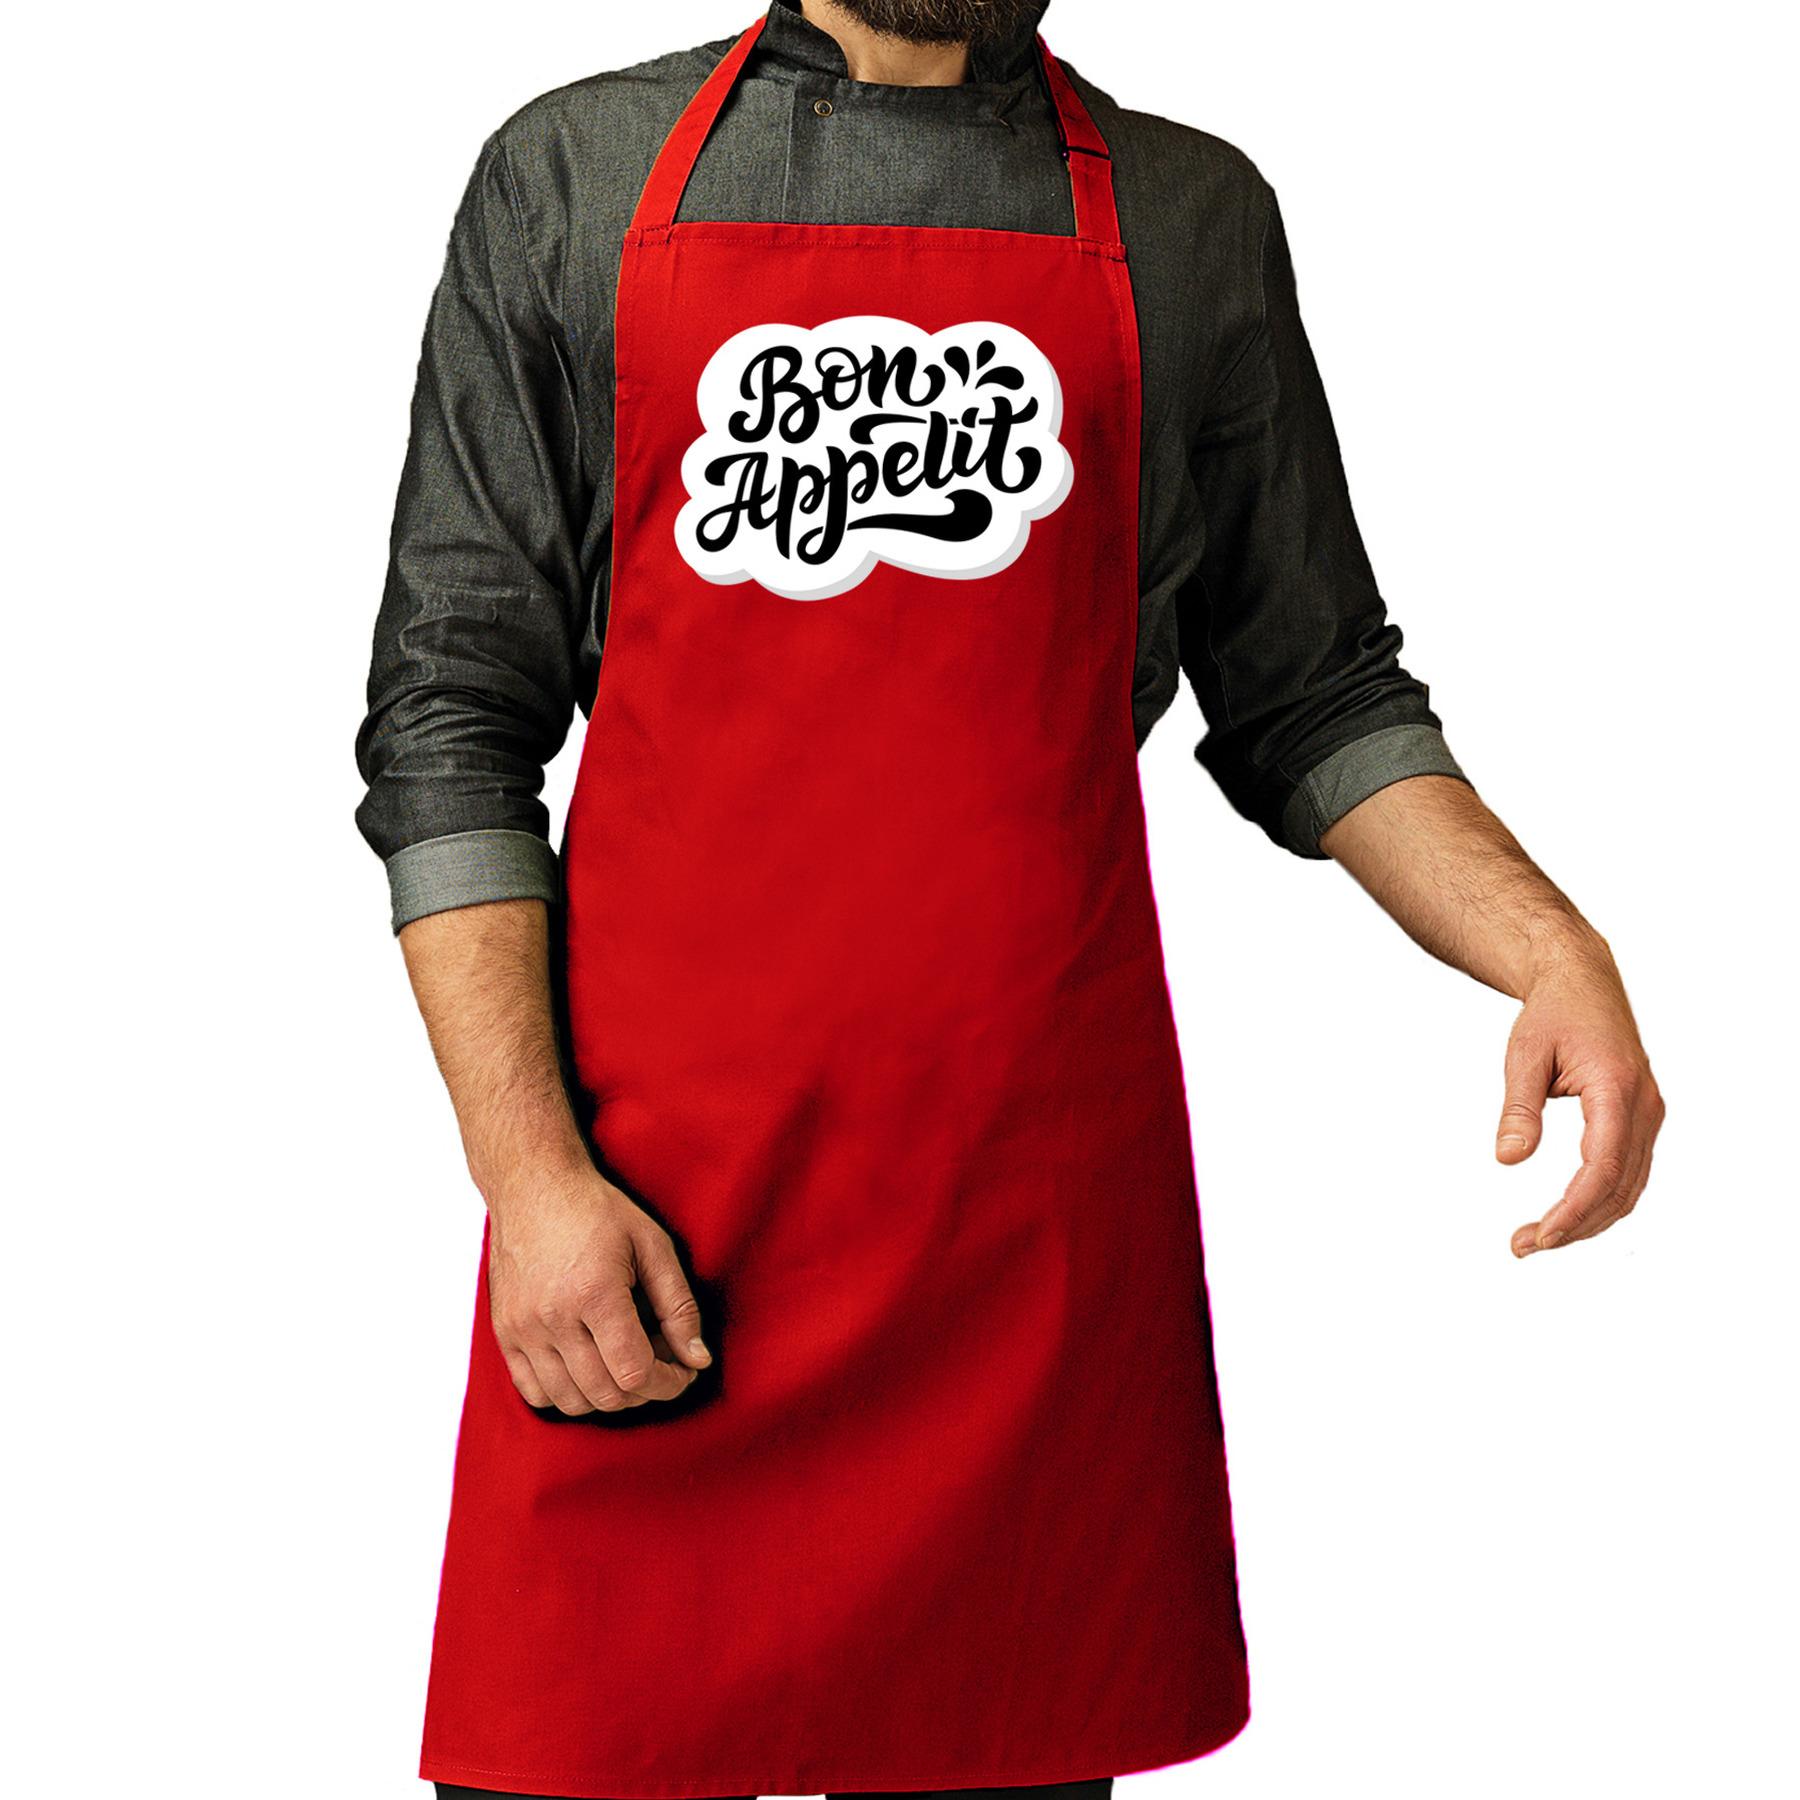 Bon appetit barbecueschort - keukenschort rood voor heren -